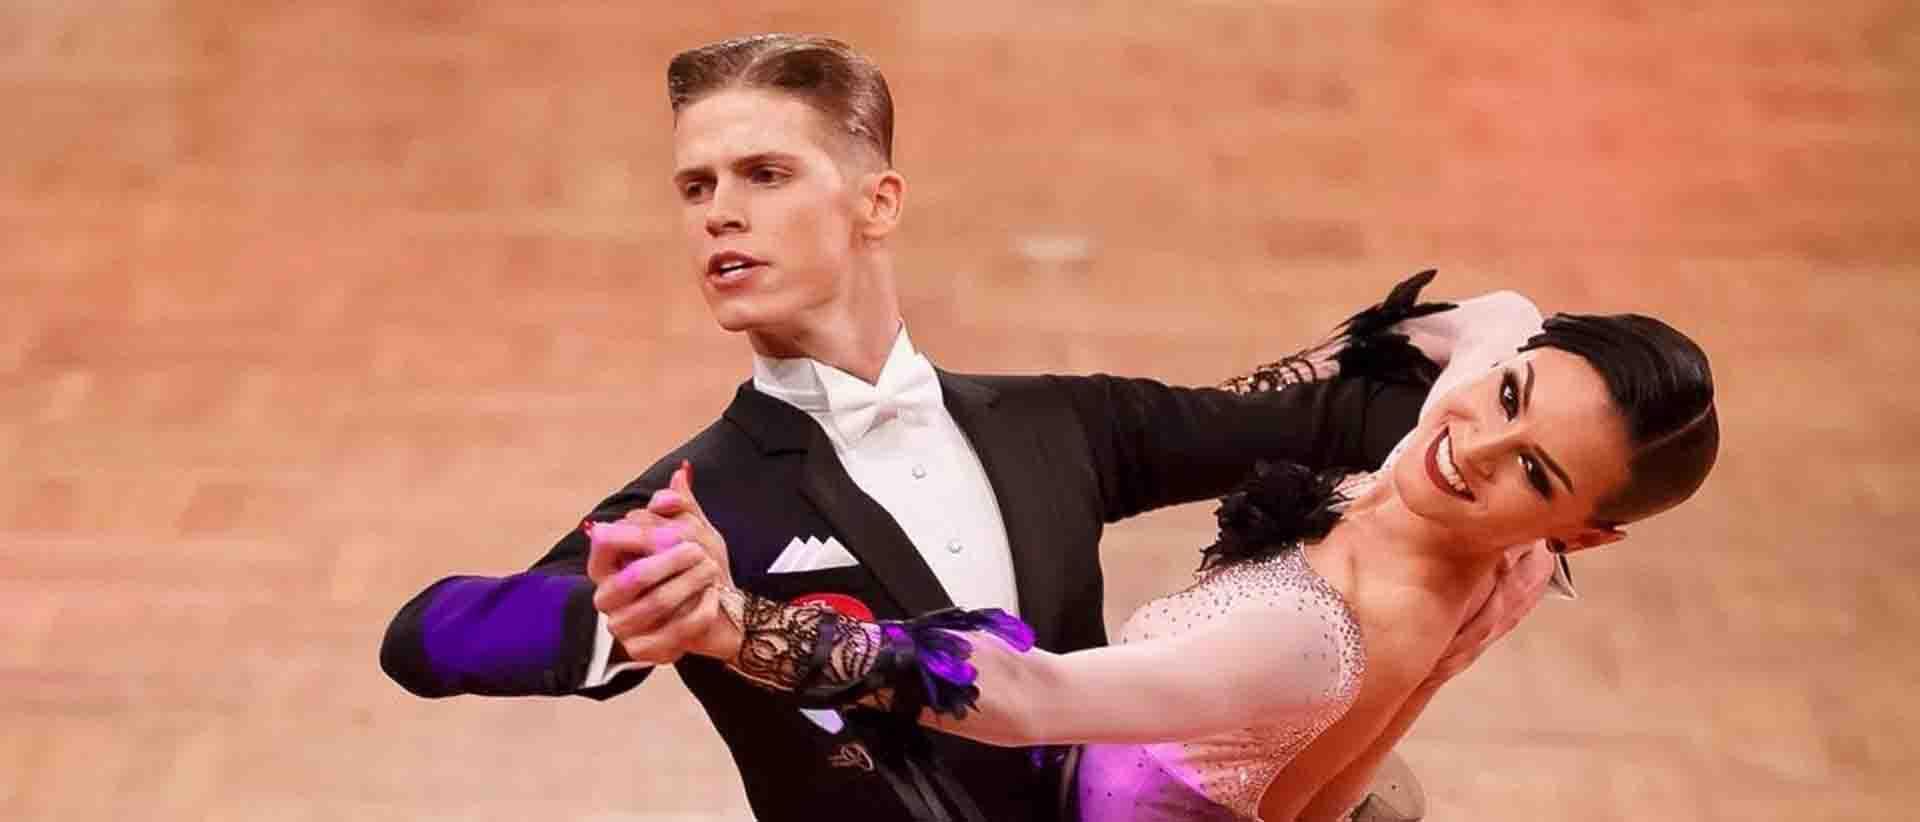 Танцевальный спорт что это